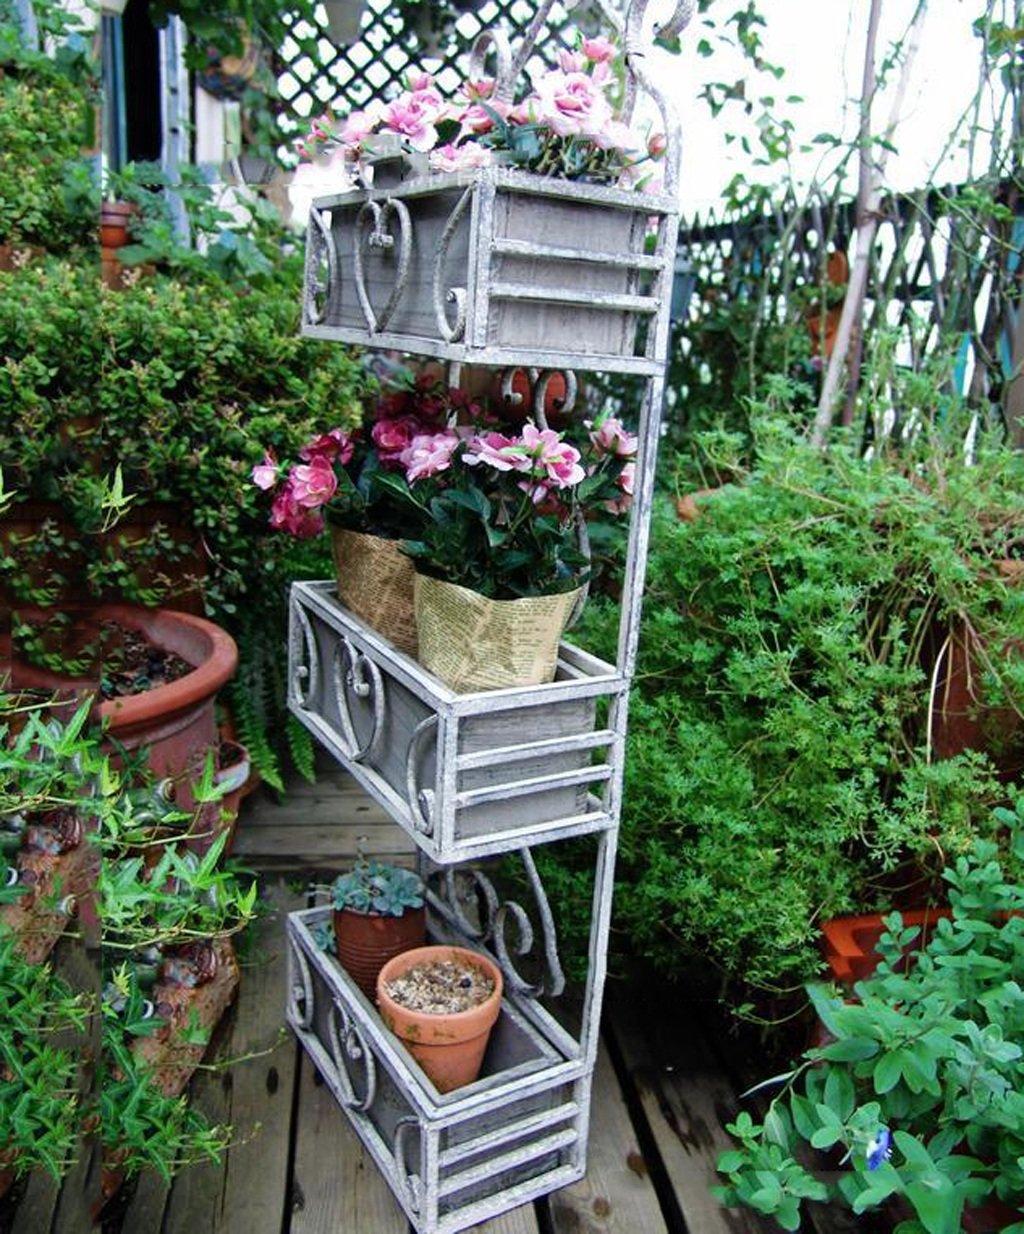 ZENGAI 古いフラワーラックをアイロンの花鍋のラックを剥がすようにするソリッドウッド3層の壁掛けフレームマルチポットの植木鉢 フラワースタンド B079D2586W